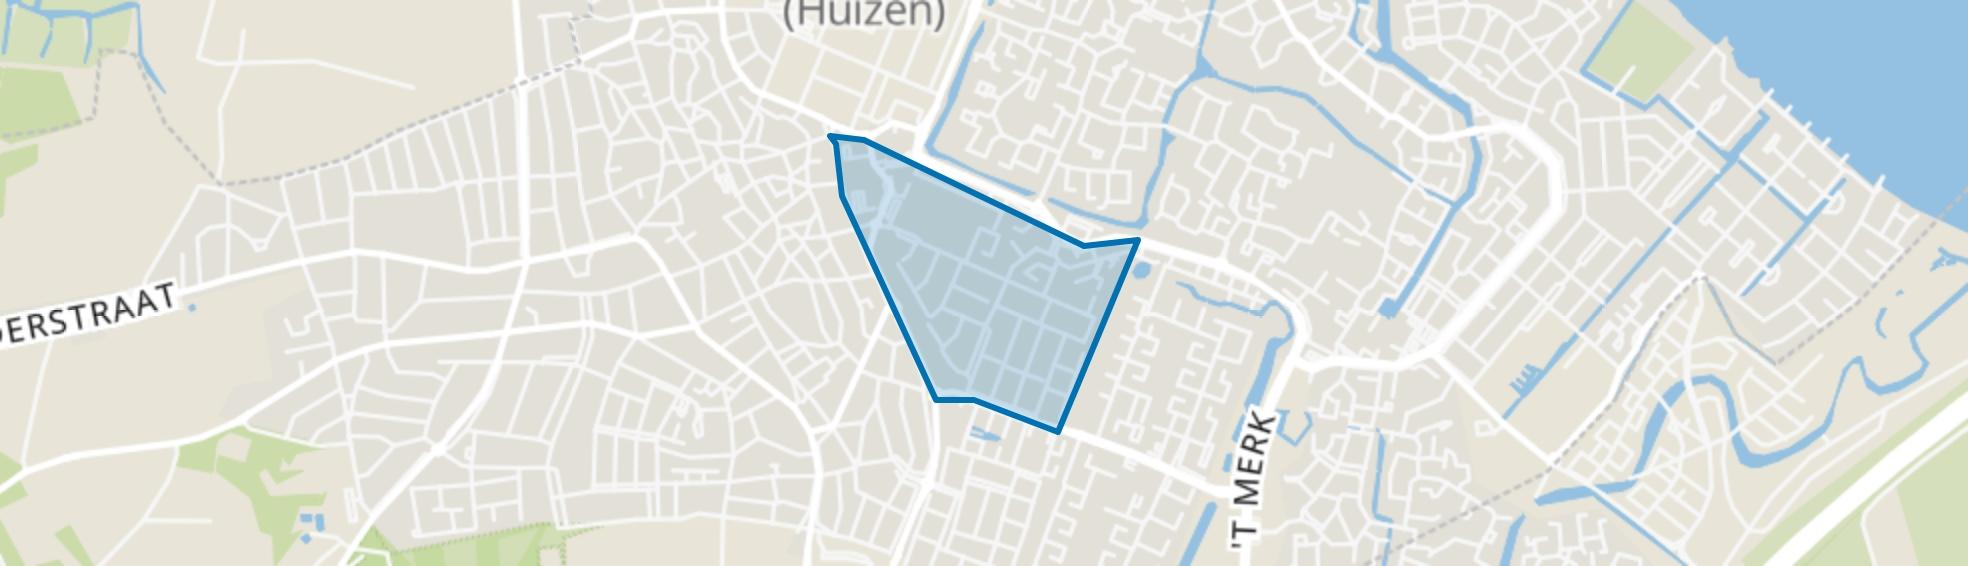 Bovenweg, Huizen map